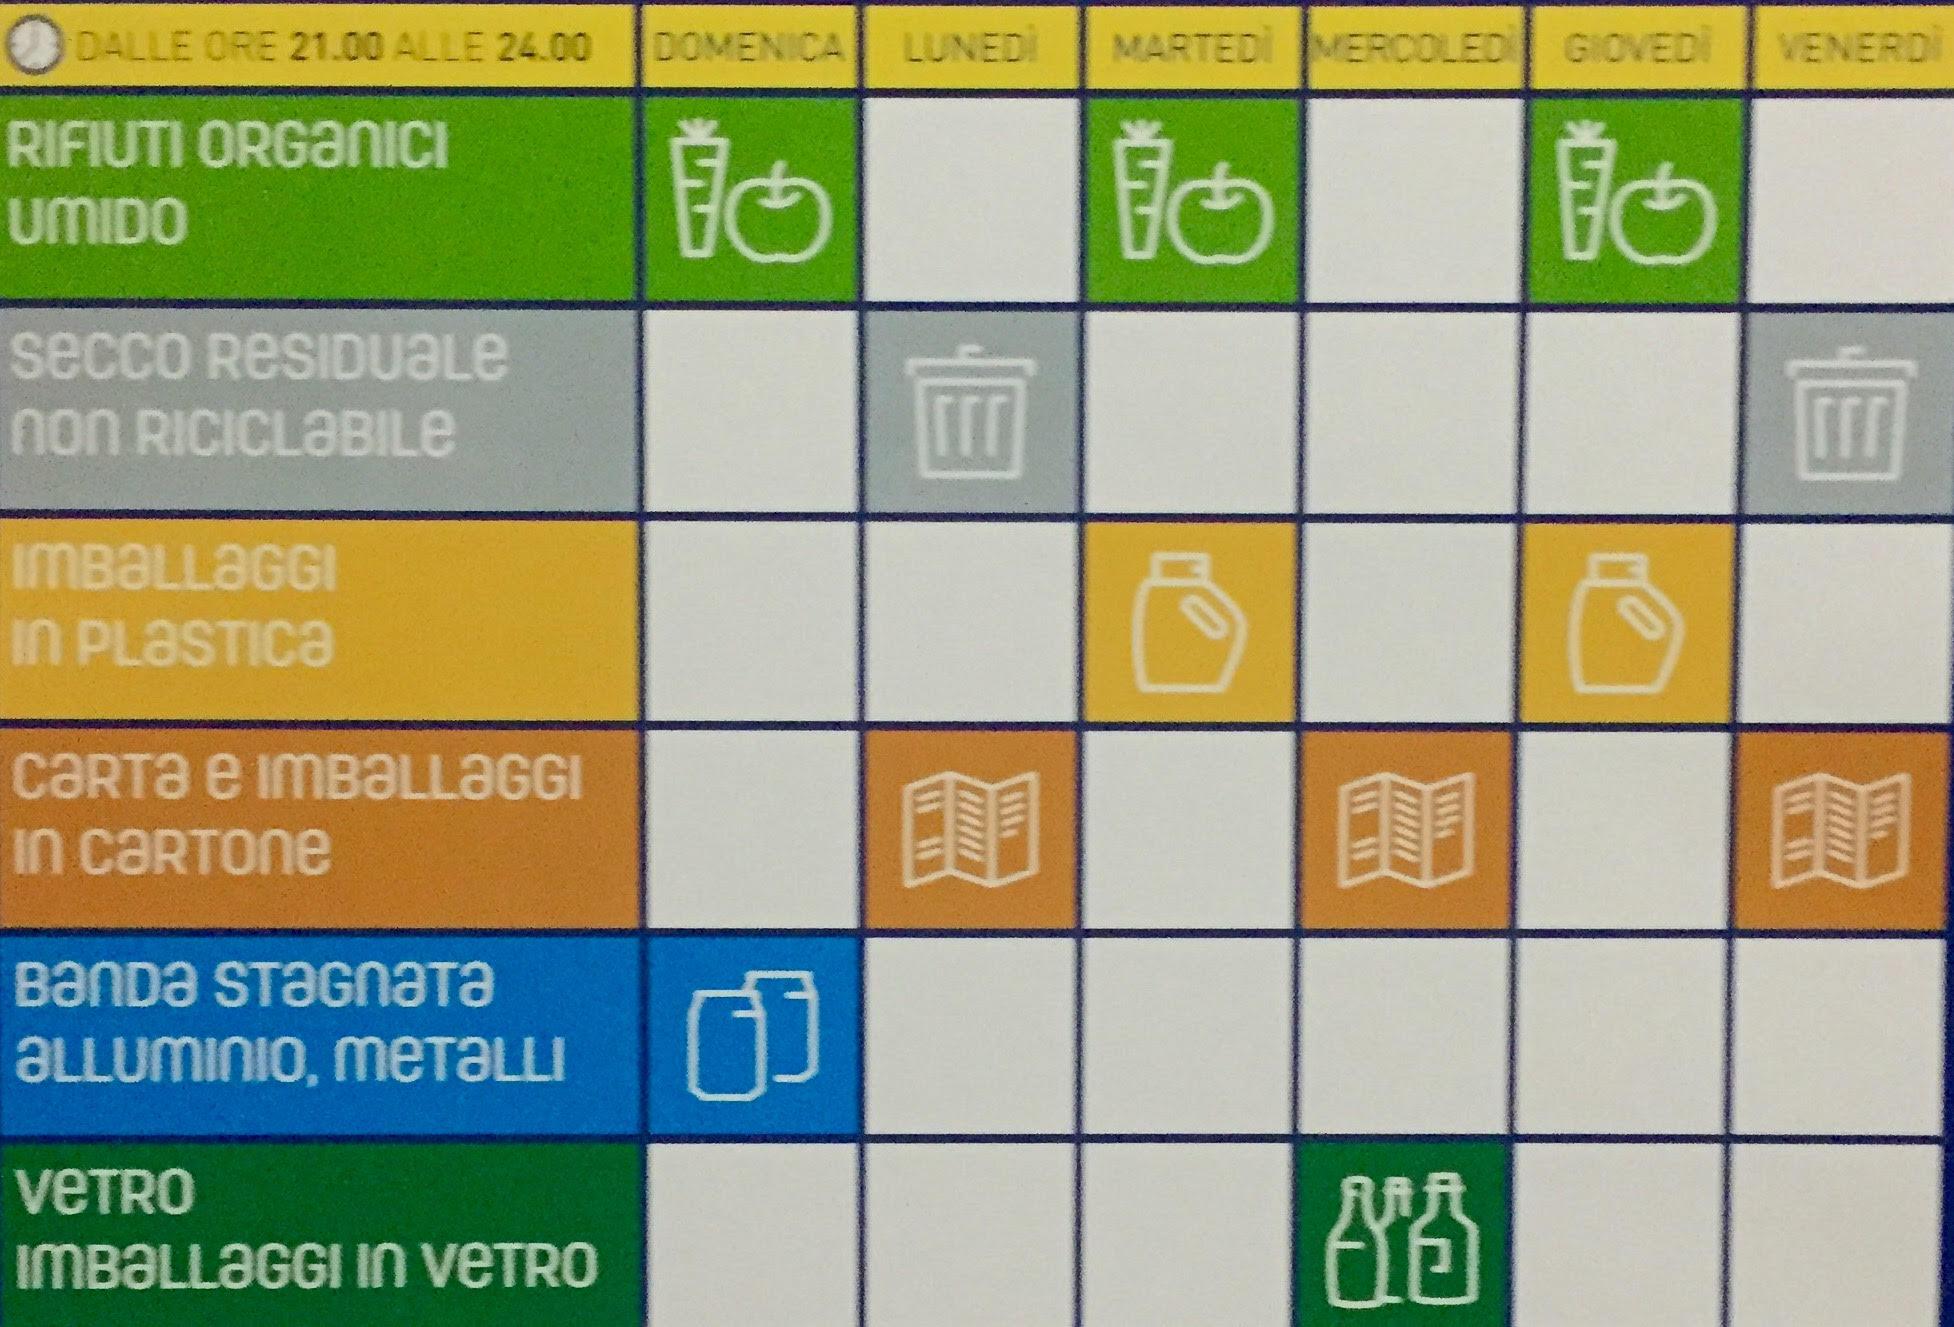 Calendario Raccolta Differenziata Napoli.Terzigno Stravolto Il Calendario Della Raccolta Differenziata